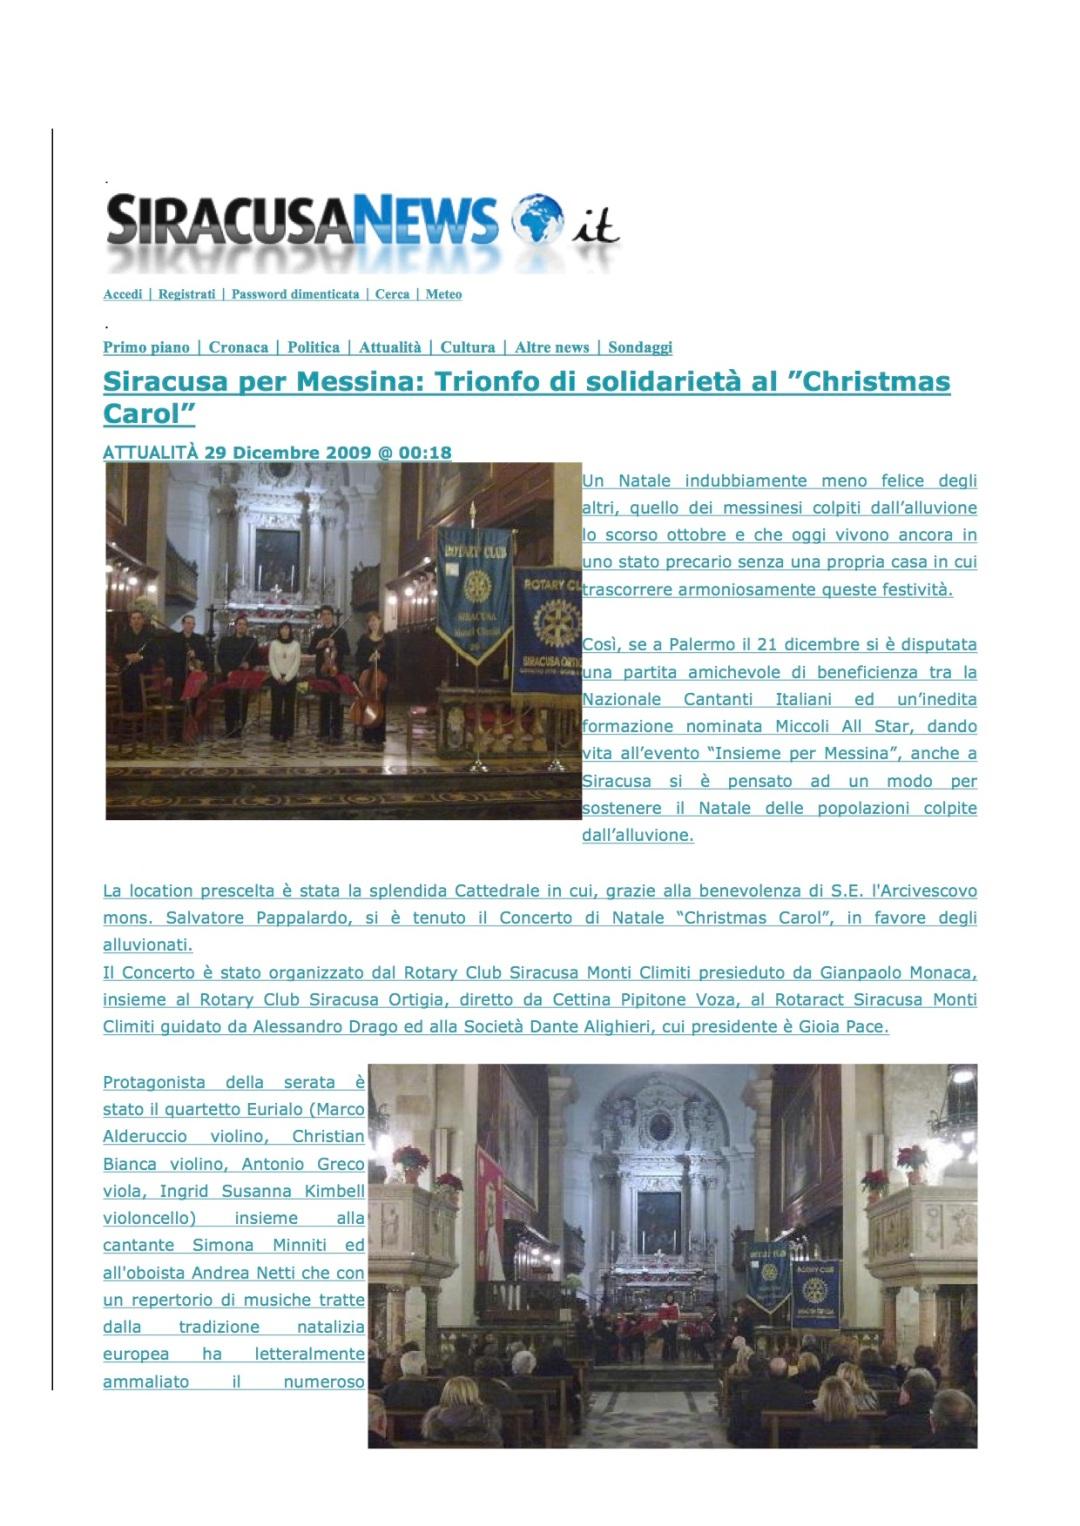 concerto-di-solidarietaaa-per-gli-alluvionati-di-messina-2